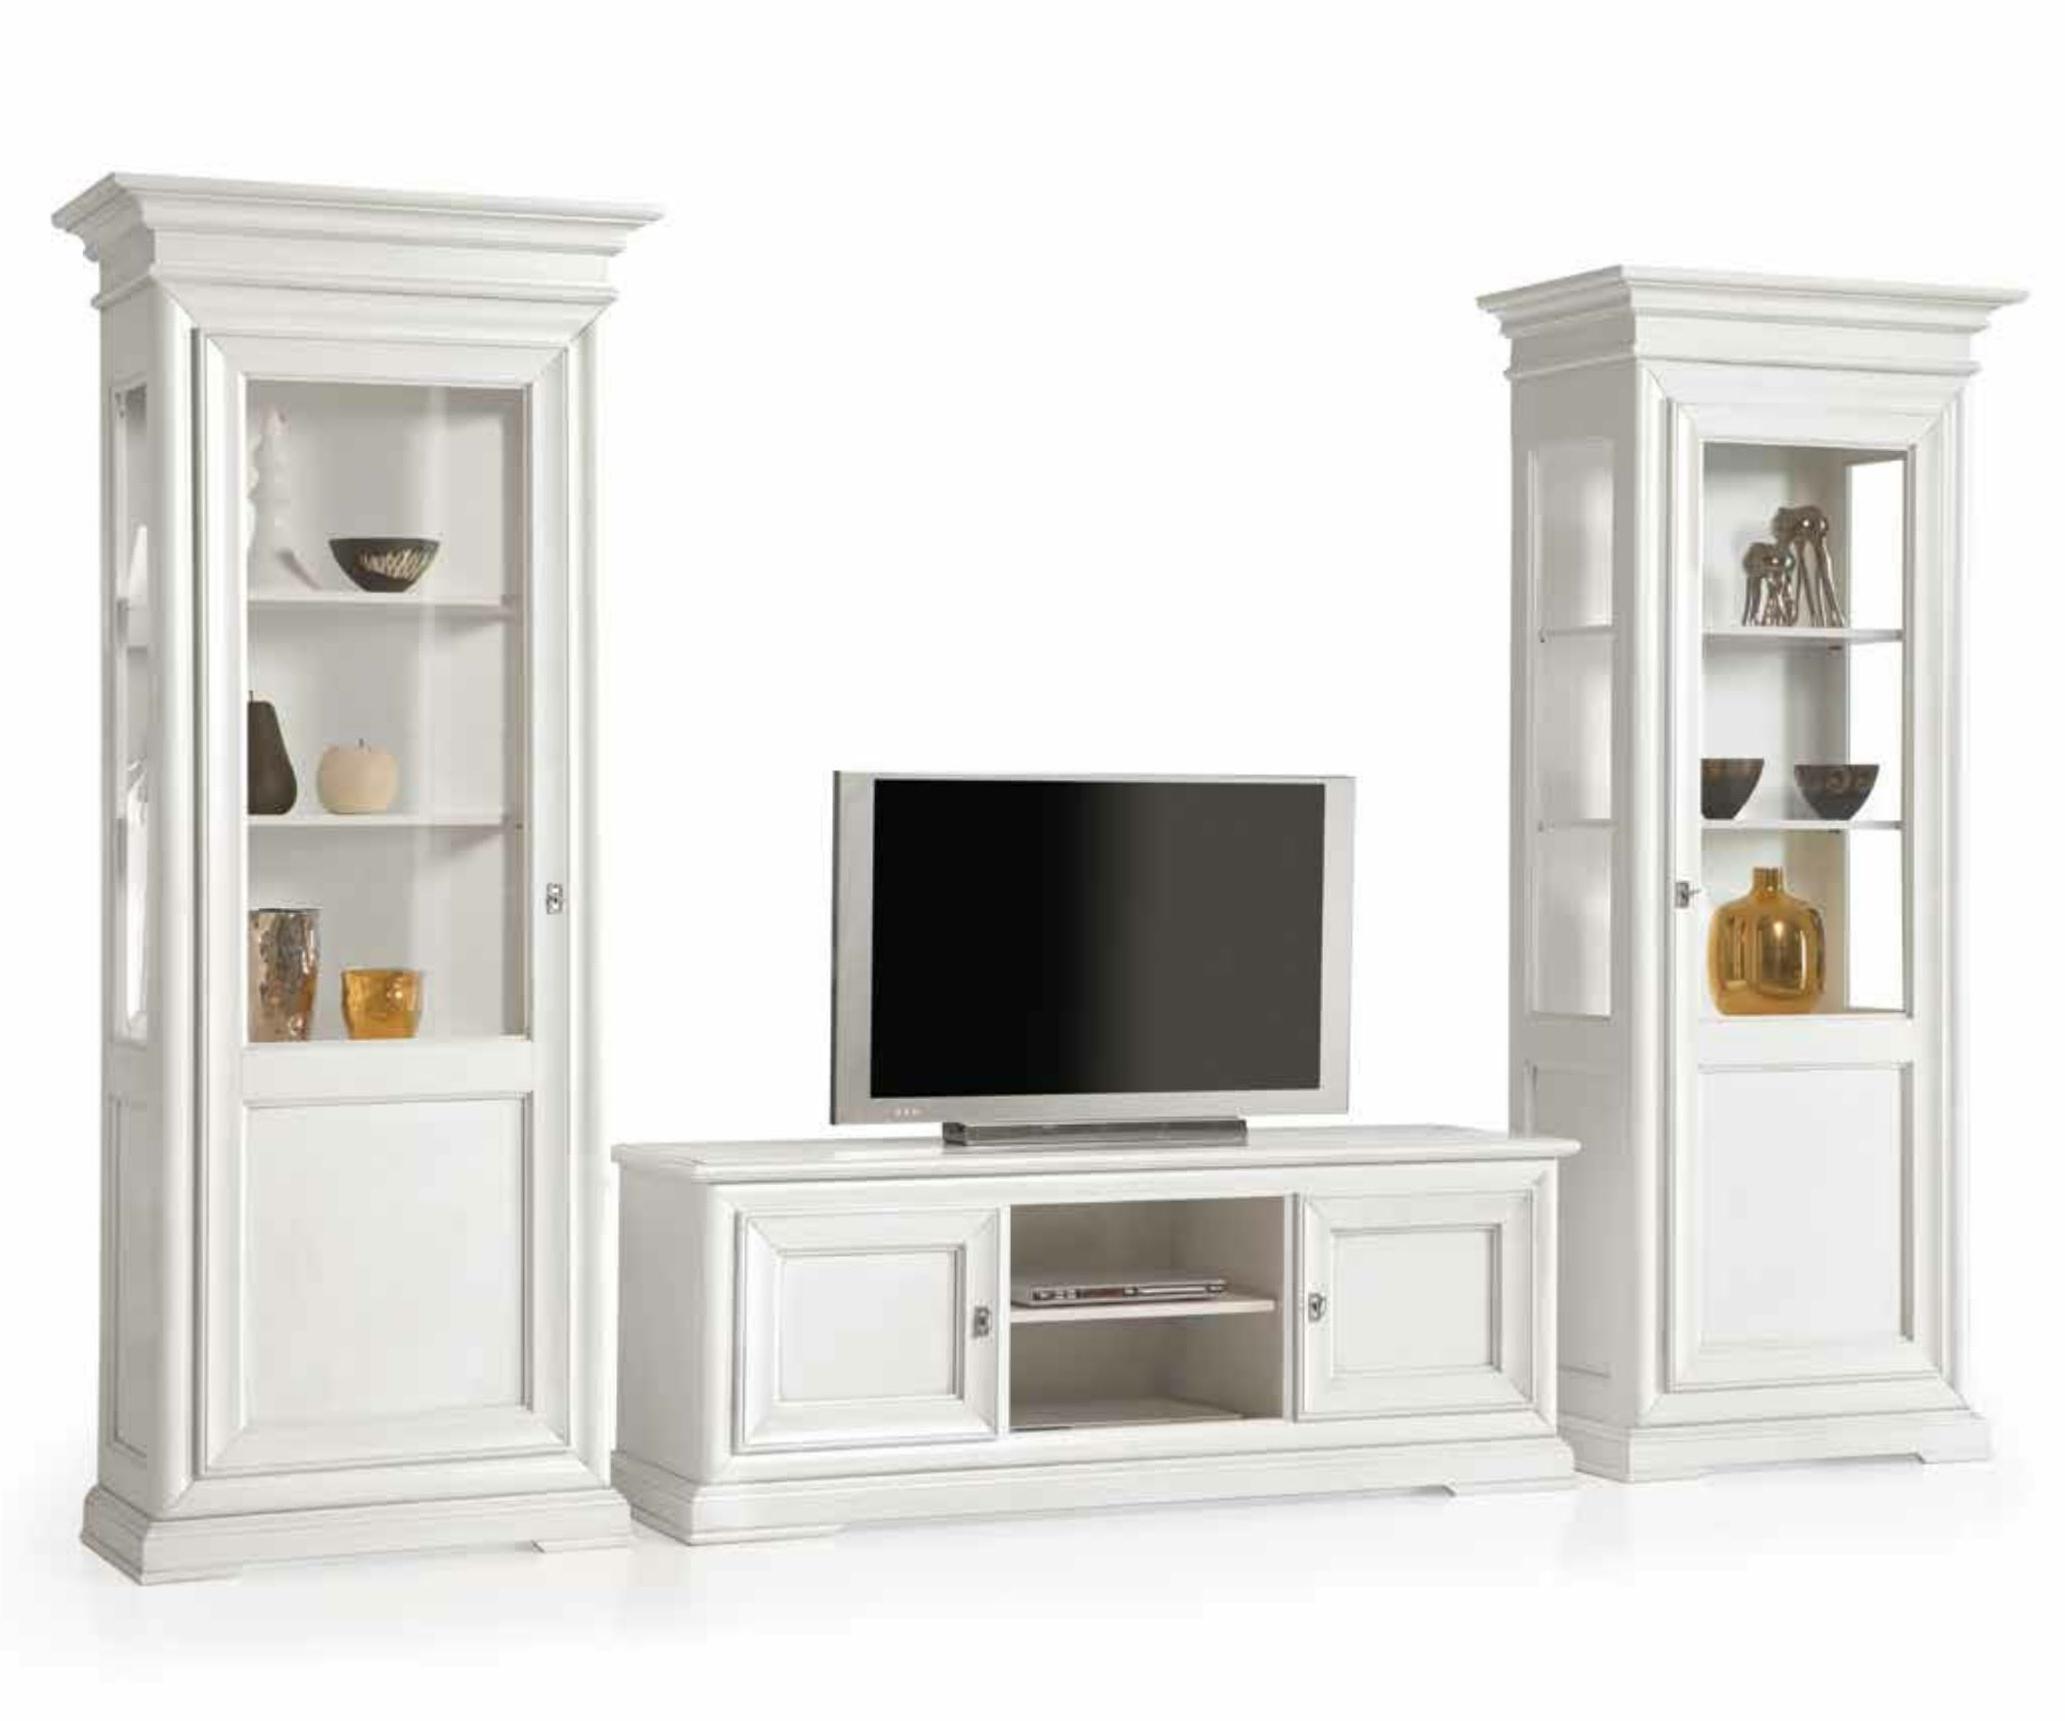 Mobili per soggiorno in legno pattinati bianchi for Soggiorni bianchi